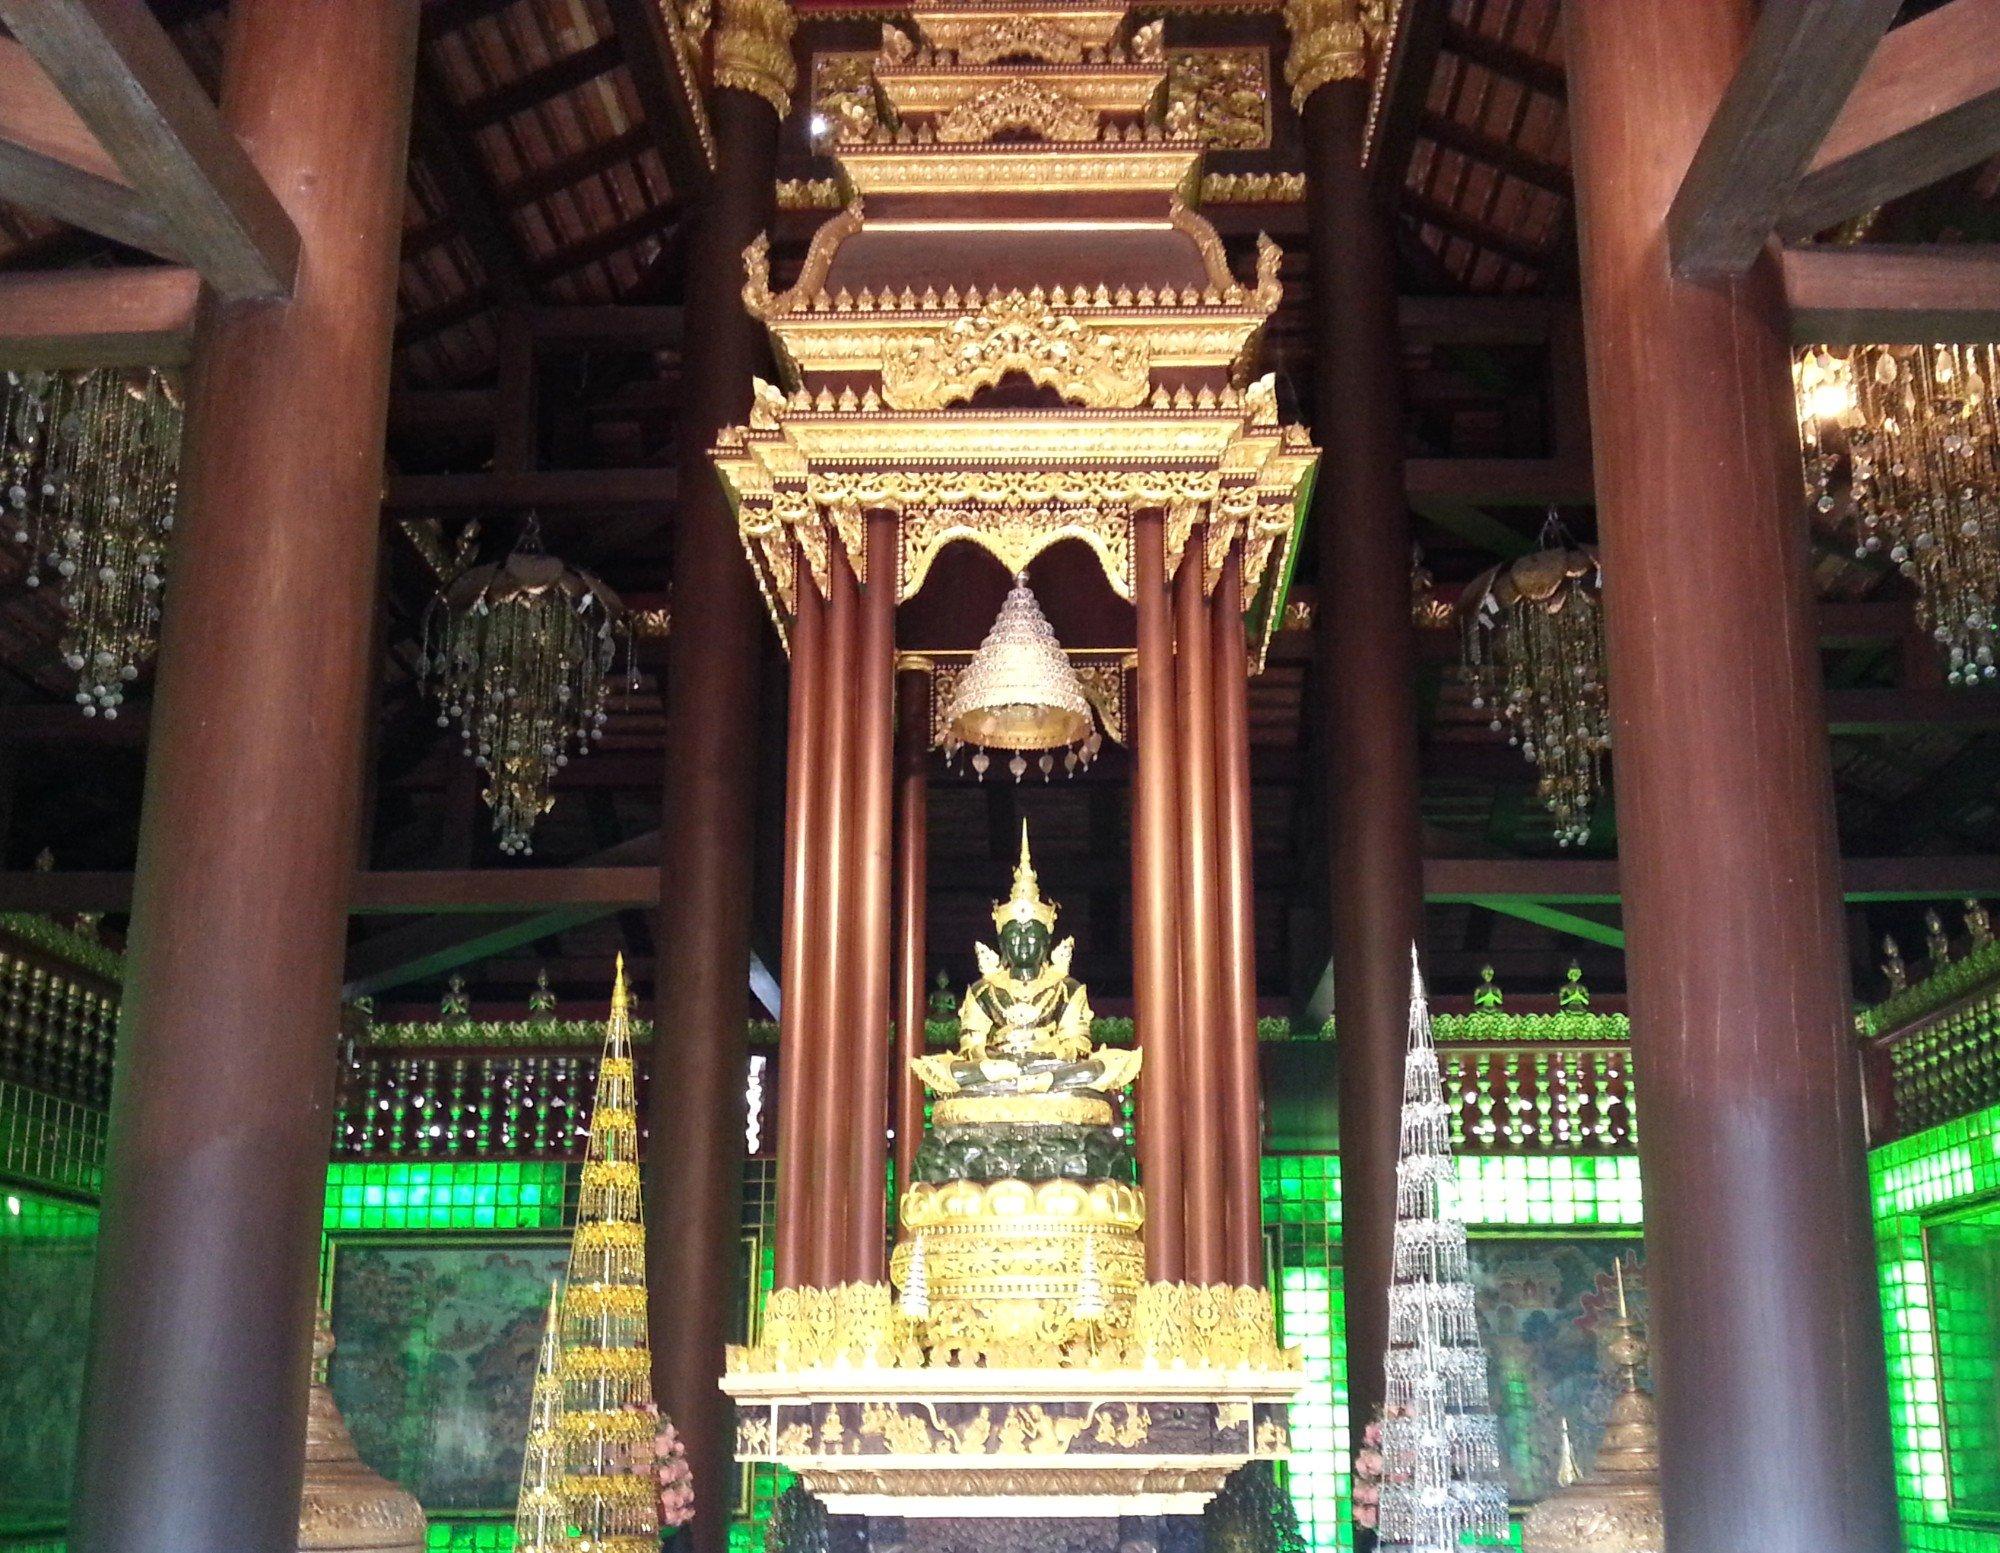 Phra Yok Chiang Rai statue at Wat Phra Kaew